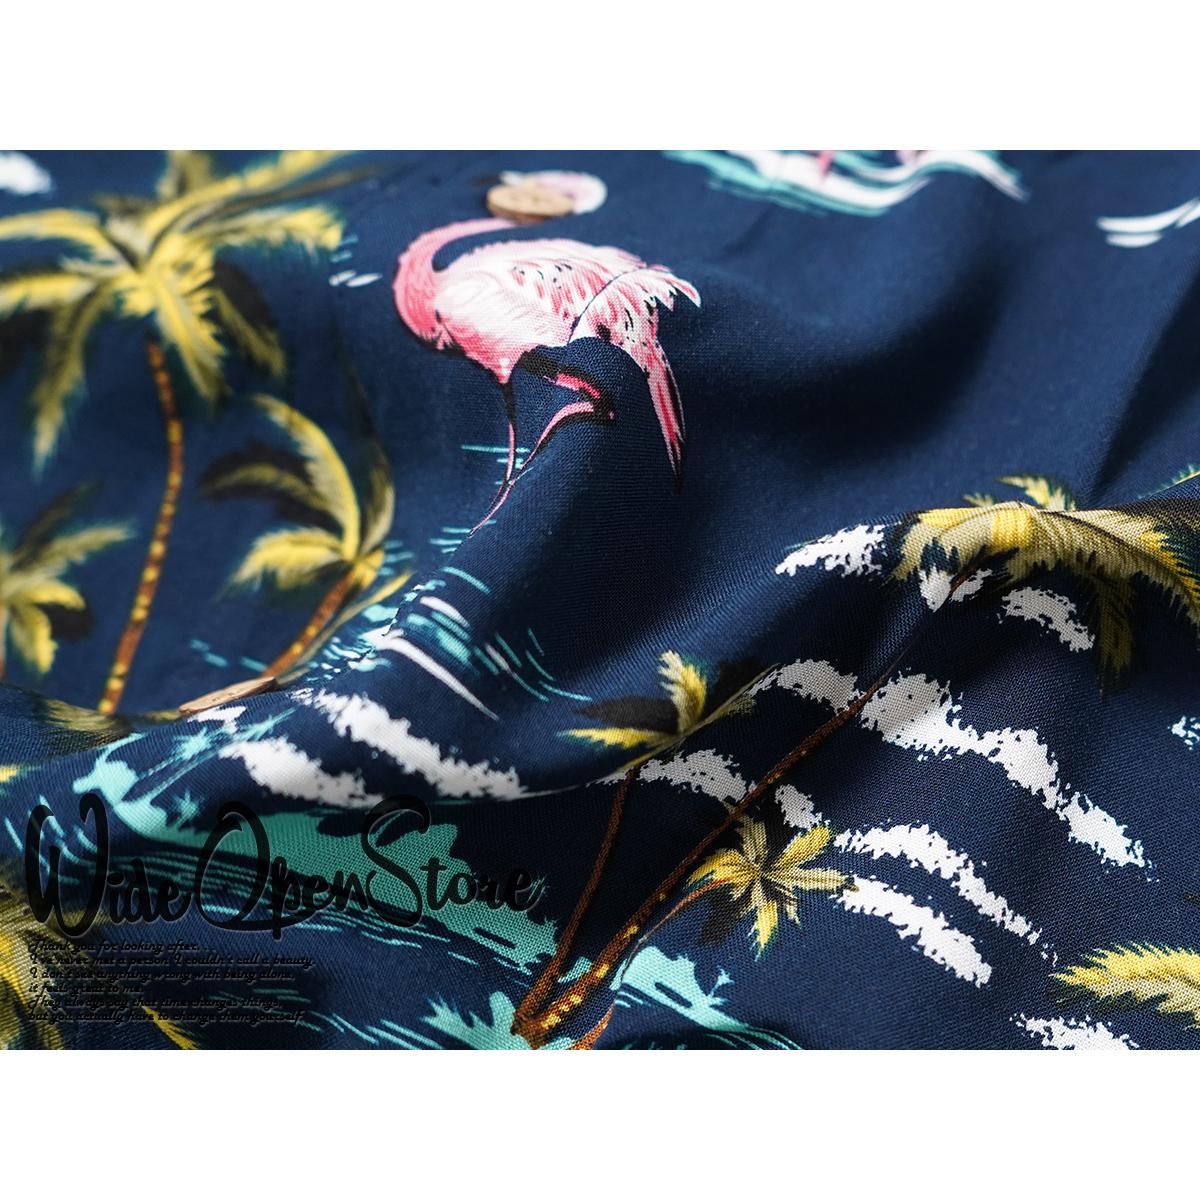 【新品】 アロハシャツ レーヨン ヤシ柄■ 5Lサイズ(4XL) / ネイビー紺28 ■大きいサイズ ボタニカル 花 オープンカラー b008_画像9